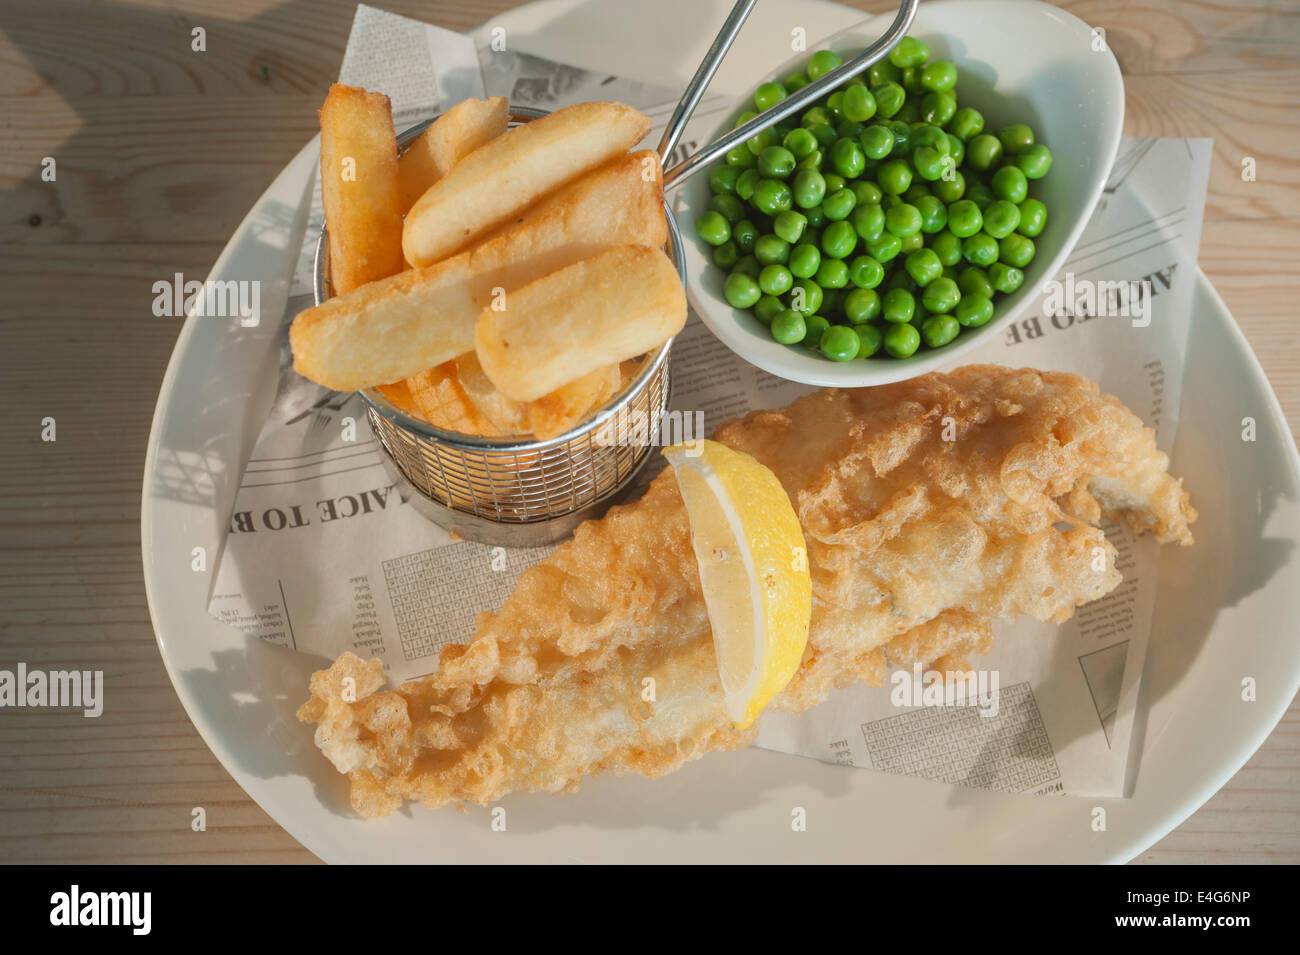 Fish and chips (aiglefin en pâte frits) avec des petits pois et un segment de citron sur une plaque blanche Photo Stock